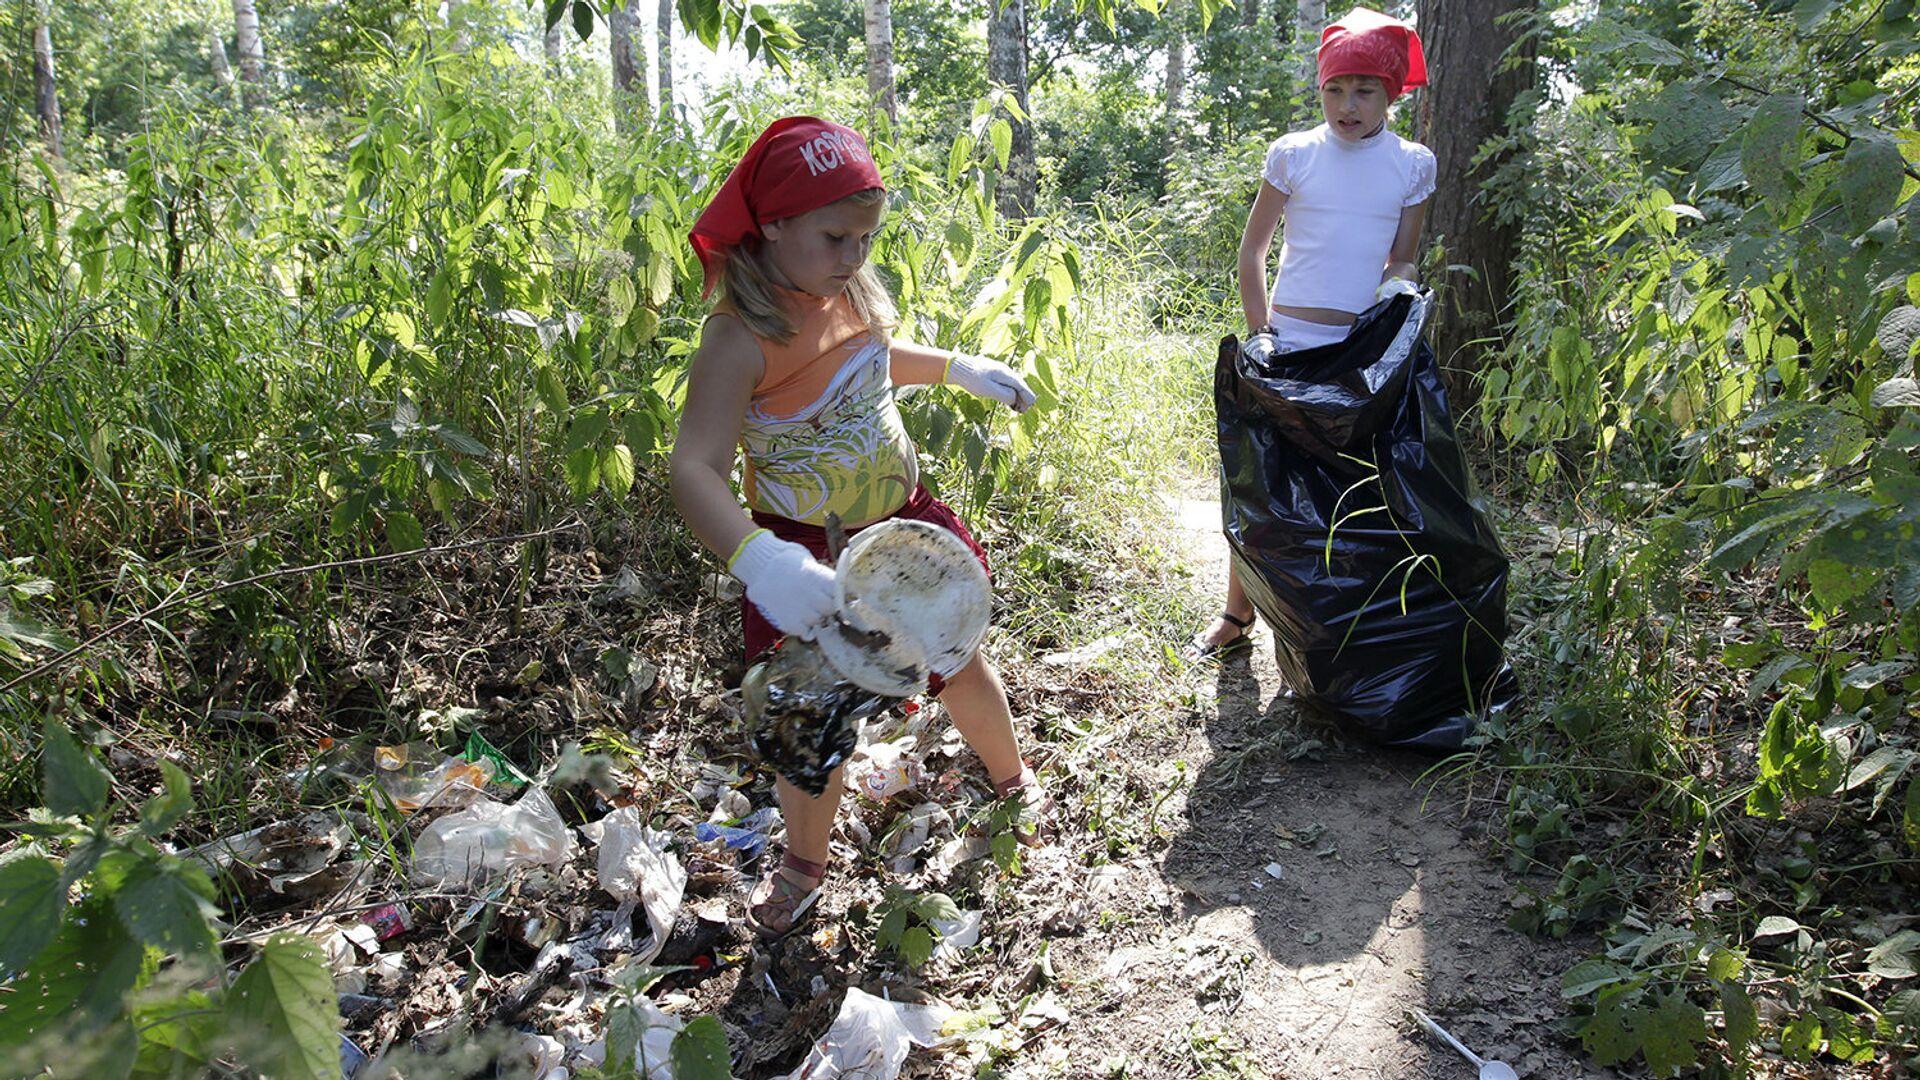 Школьники убирают мусор с прибрежной зоны - РИА Новости, 1920, 13.09.2021